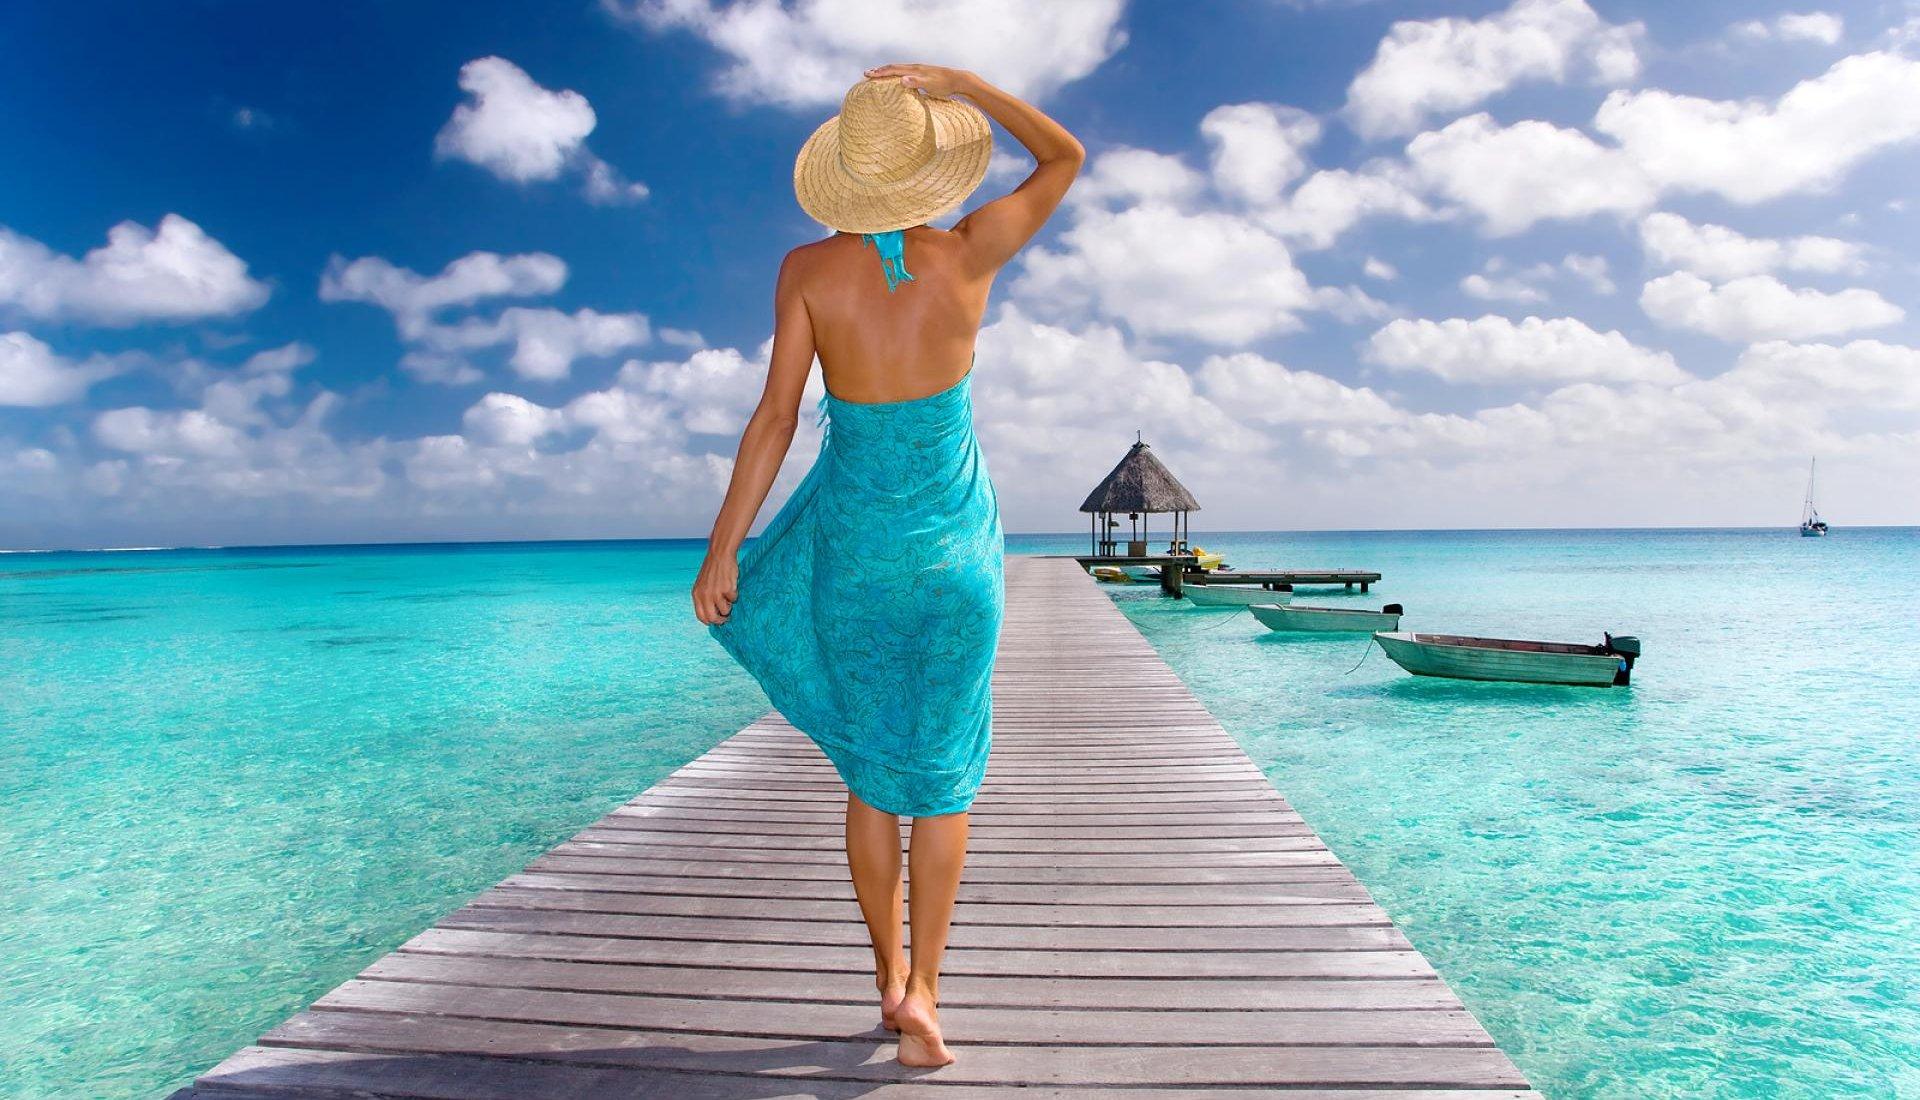 Фото девушек с херсонских пляжей 19 фотография